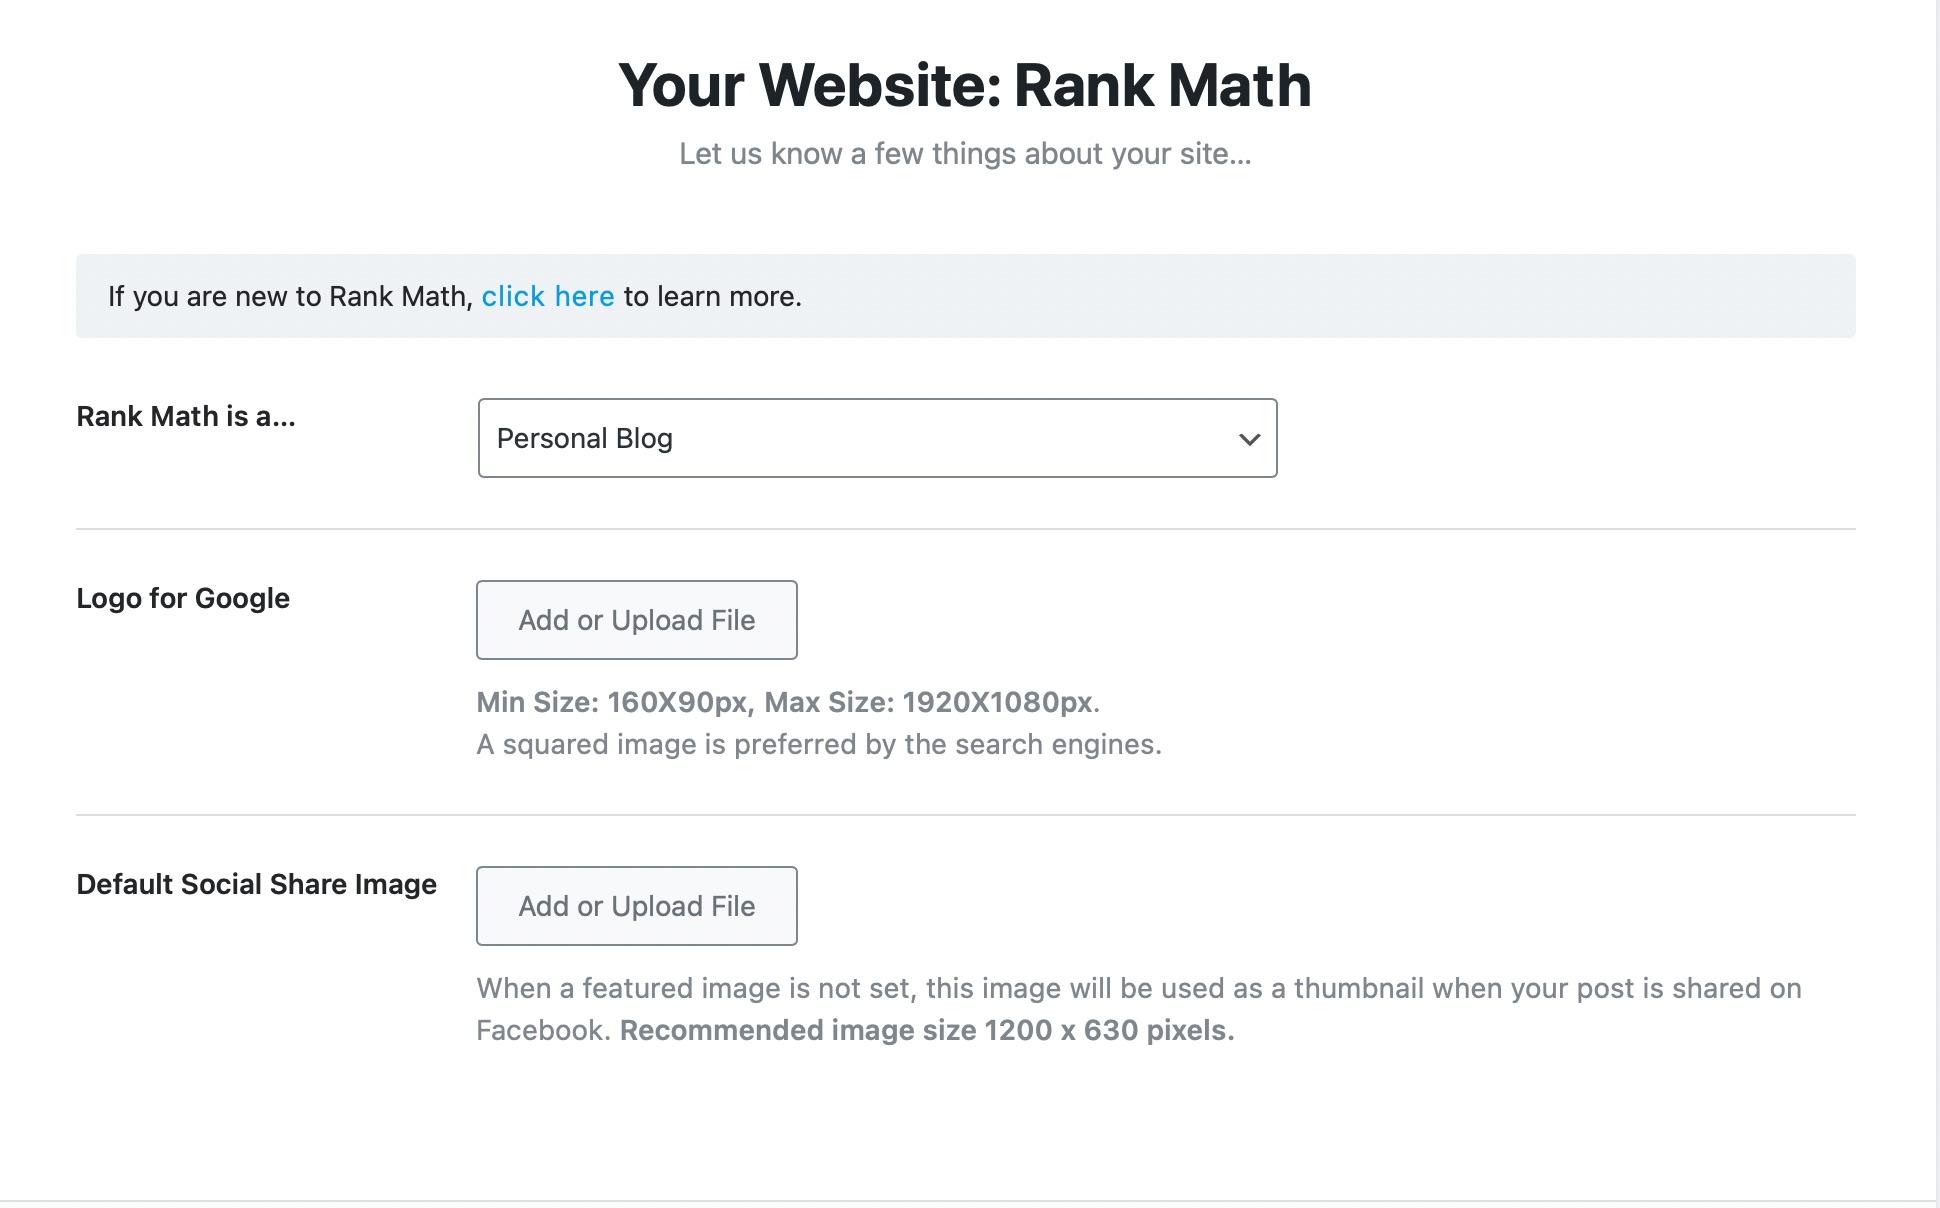 Your website details - Rank Math Setup Wizard